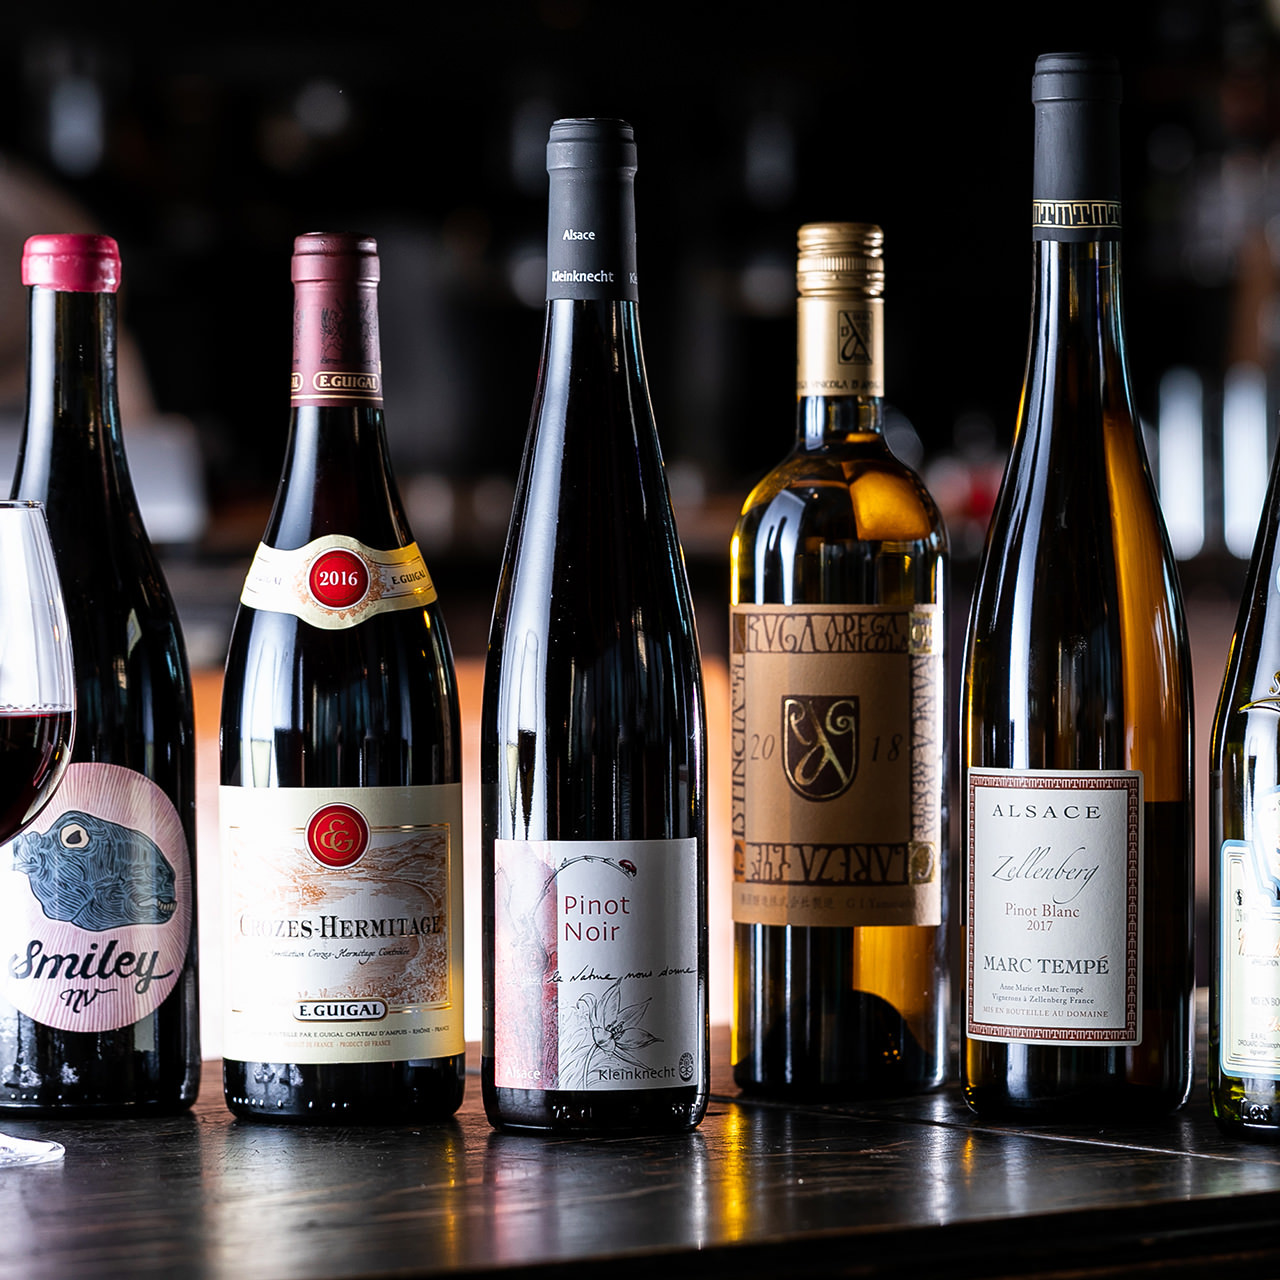 ブルゴーニュやナパから、国産やビオワインまで充実の品揃え